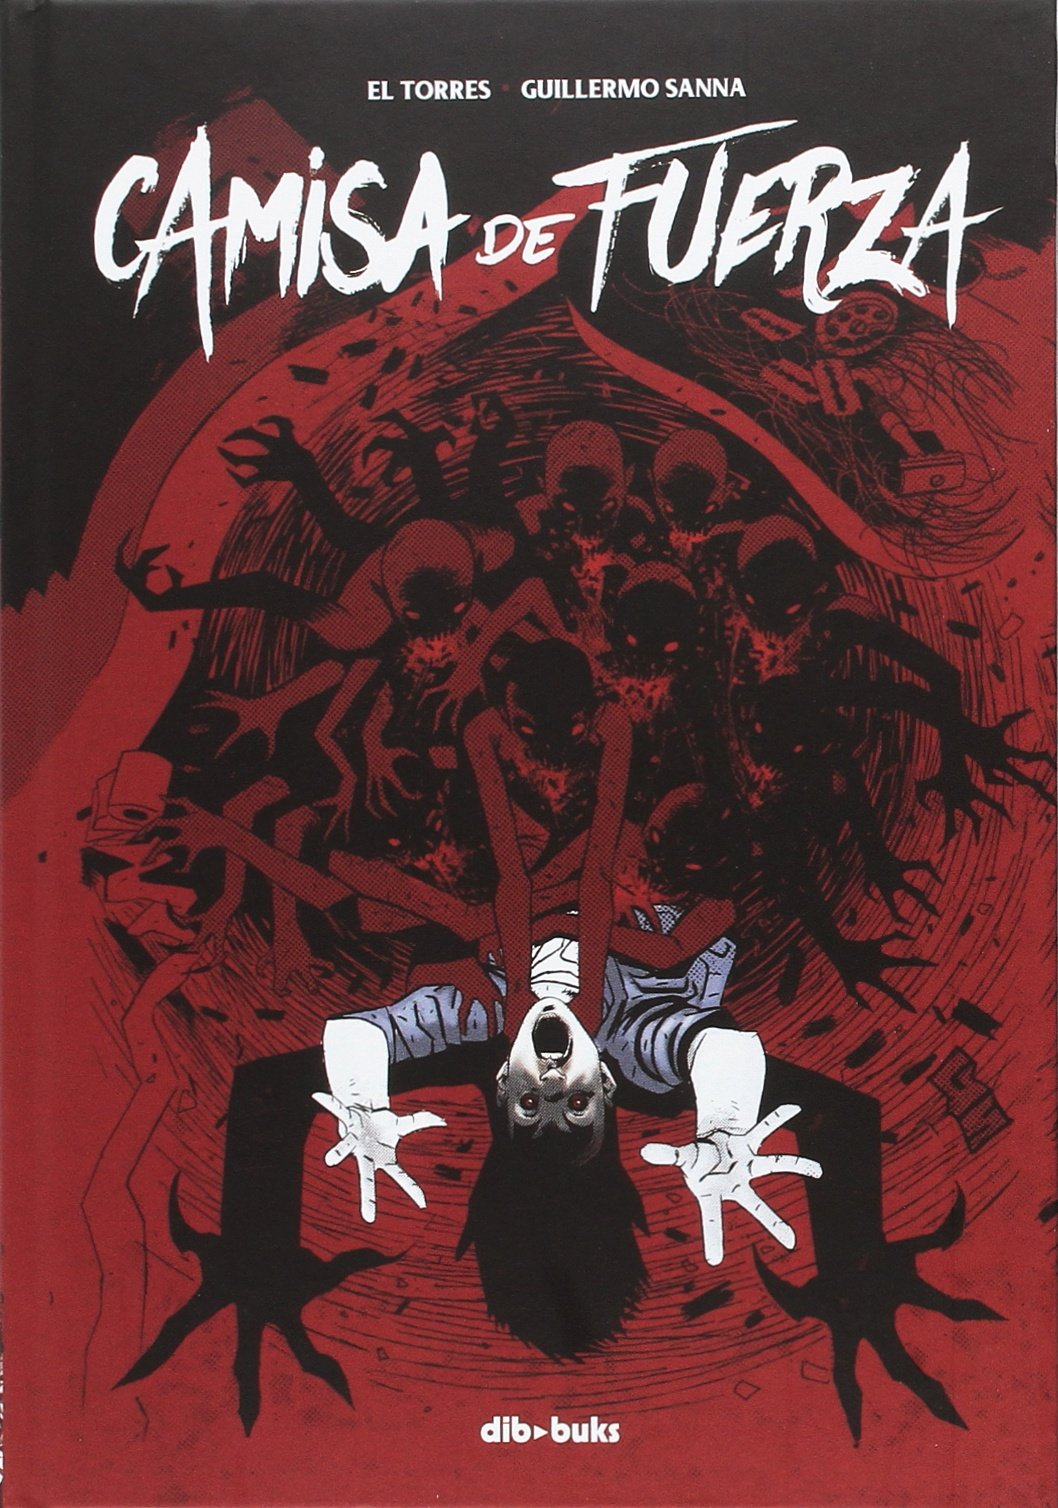 Camisa de fuerza (Aventúrate): Amazon.es: Sanna, Guillermo, El Torres: Libros